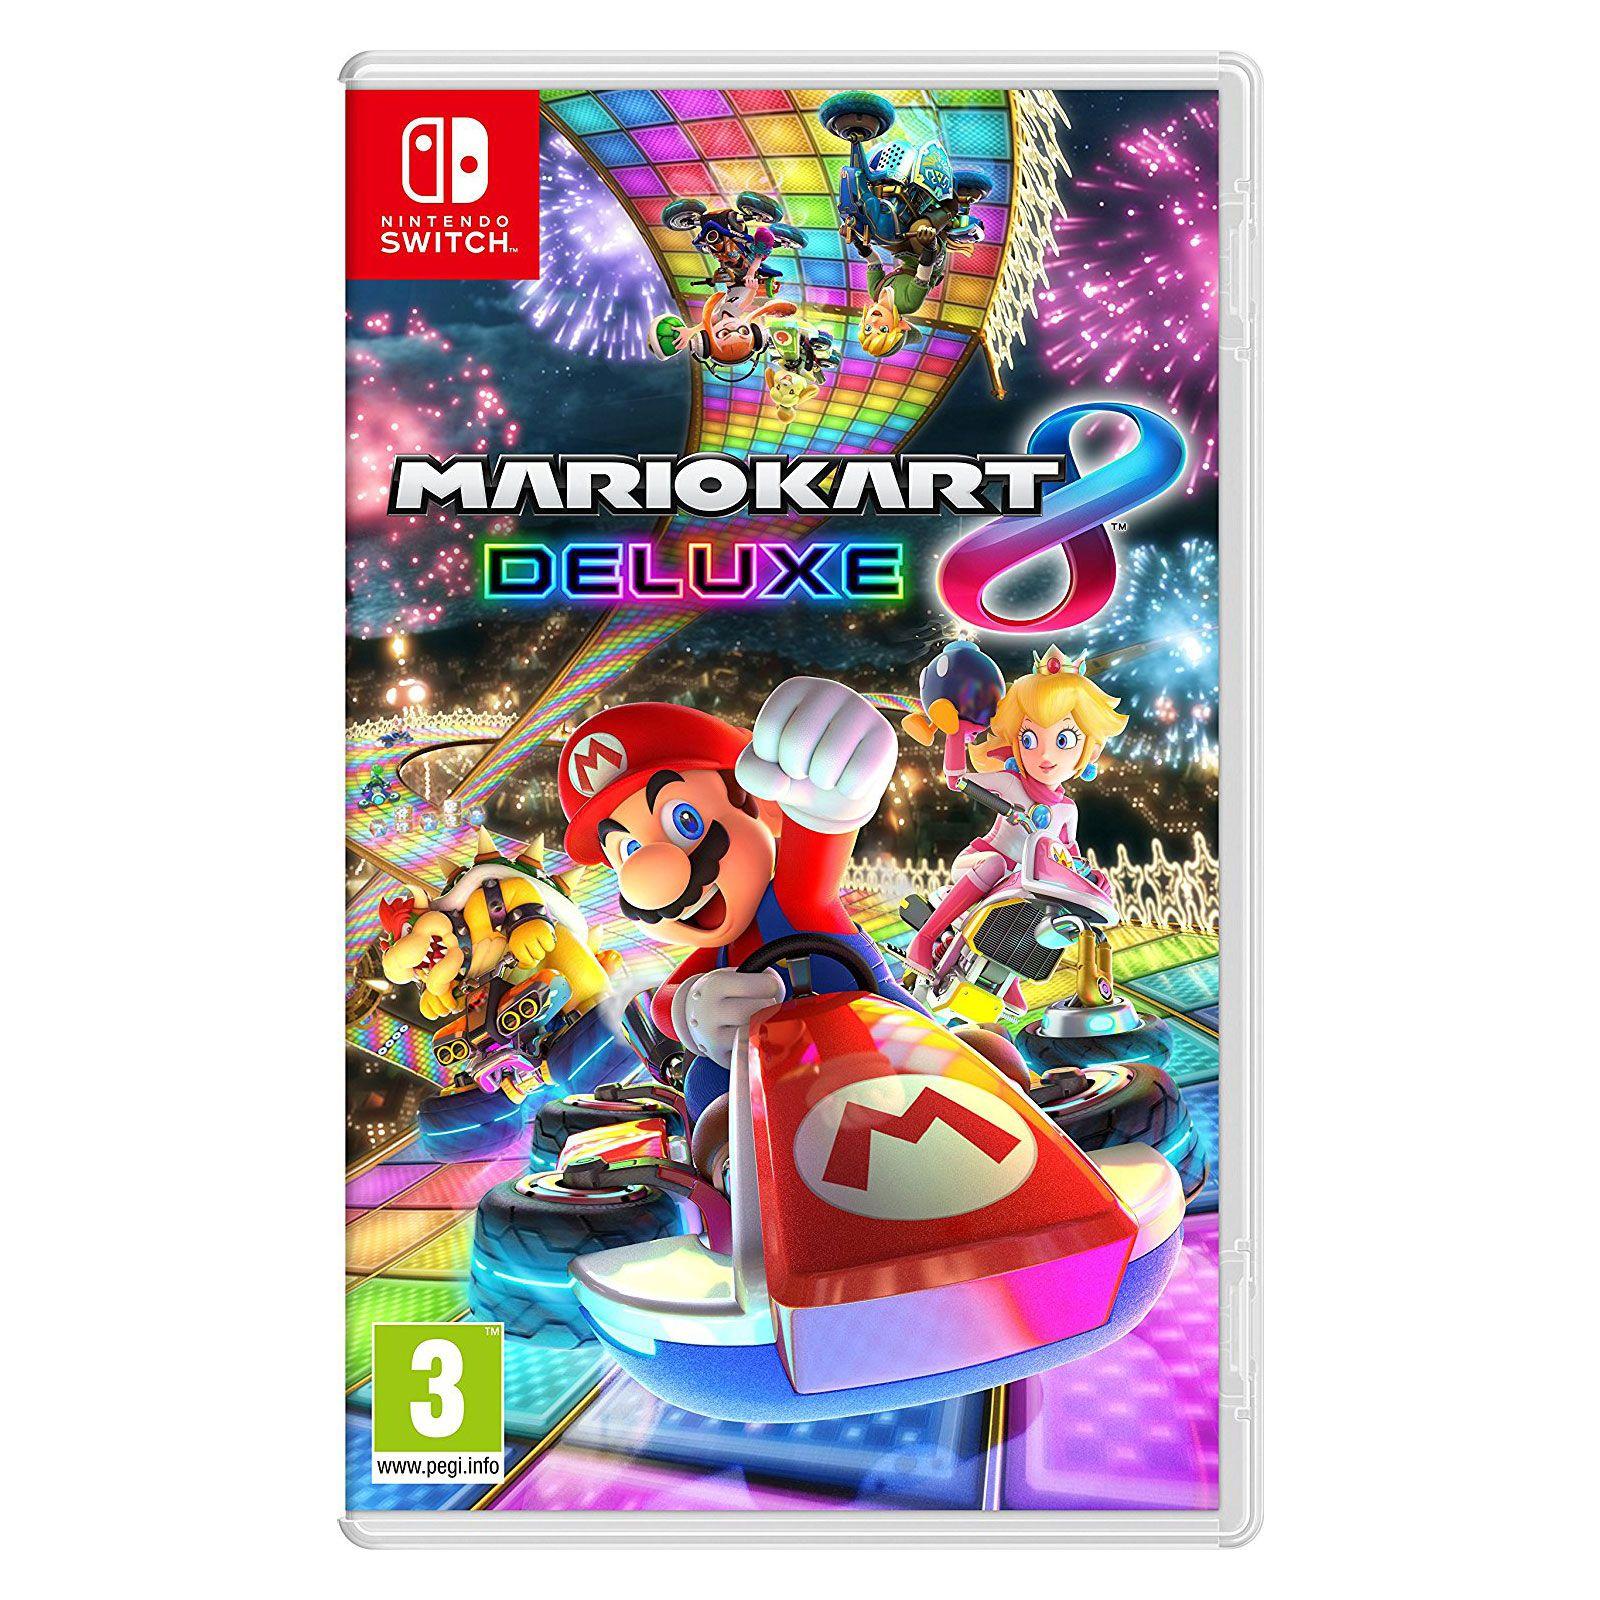 Jeux video mario kart 8 gratuit en ligne - Mario kart wii gratuit ...